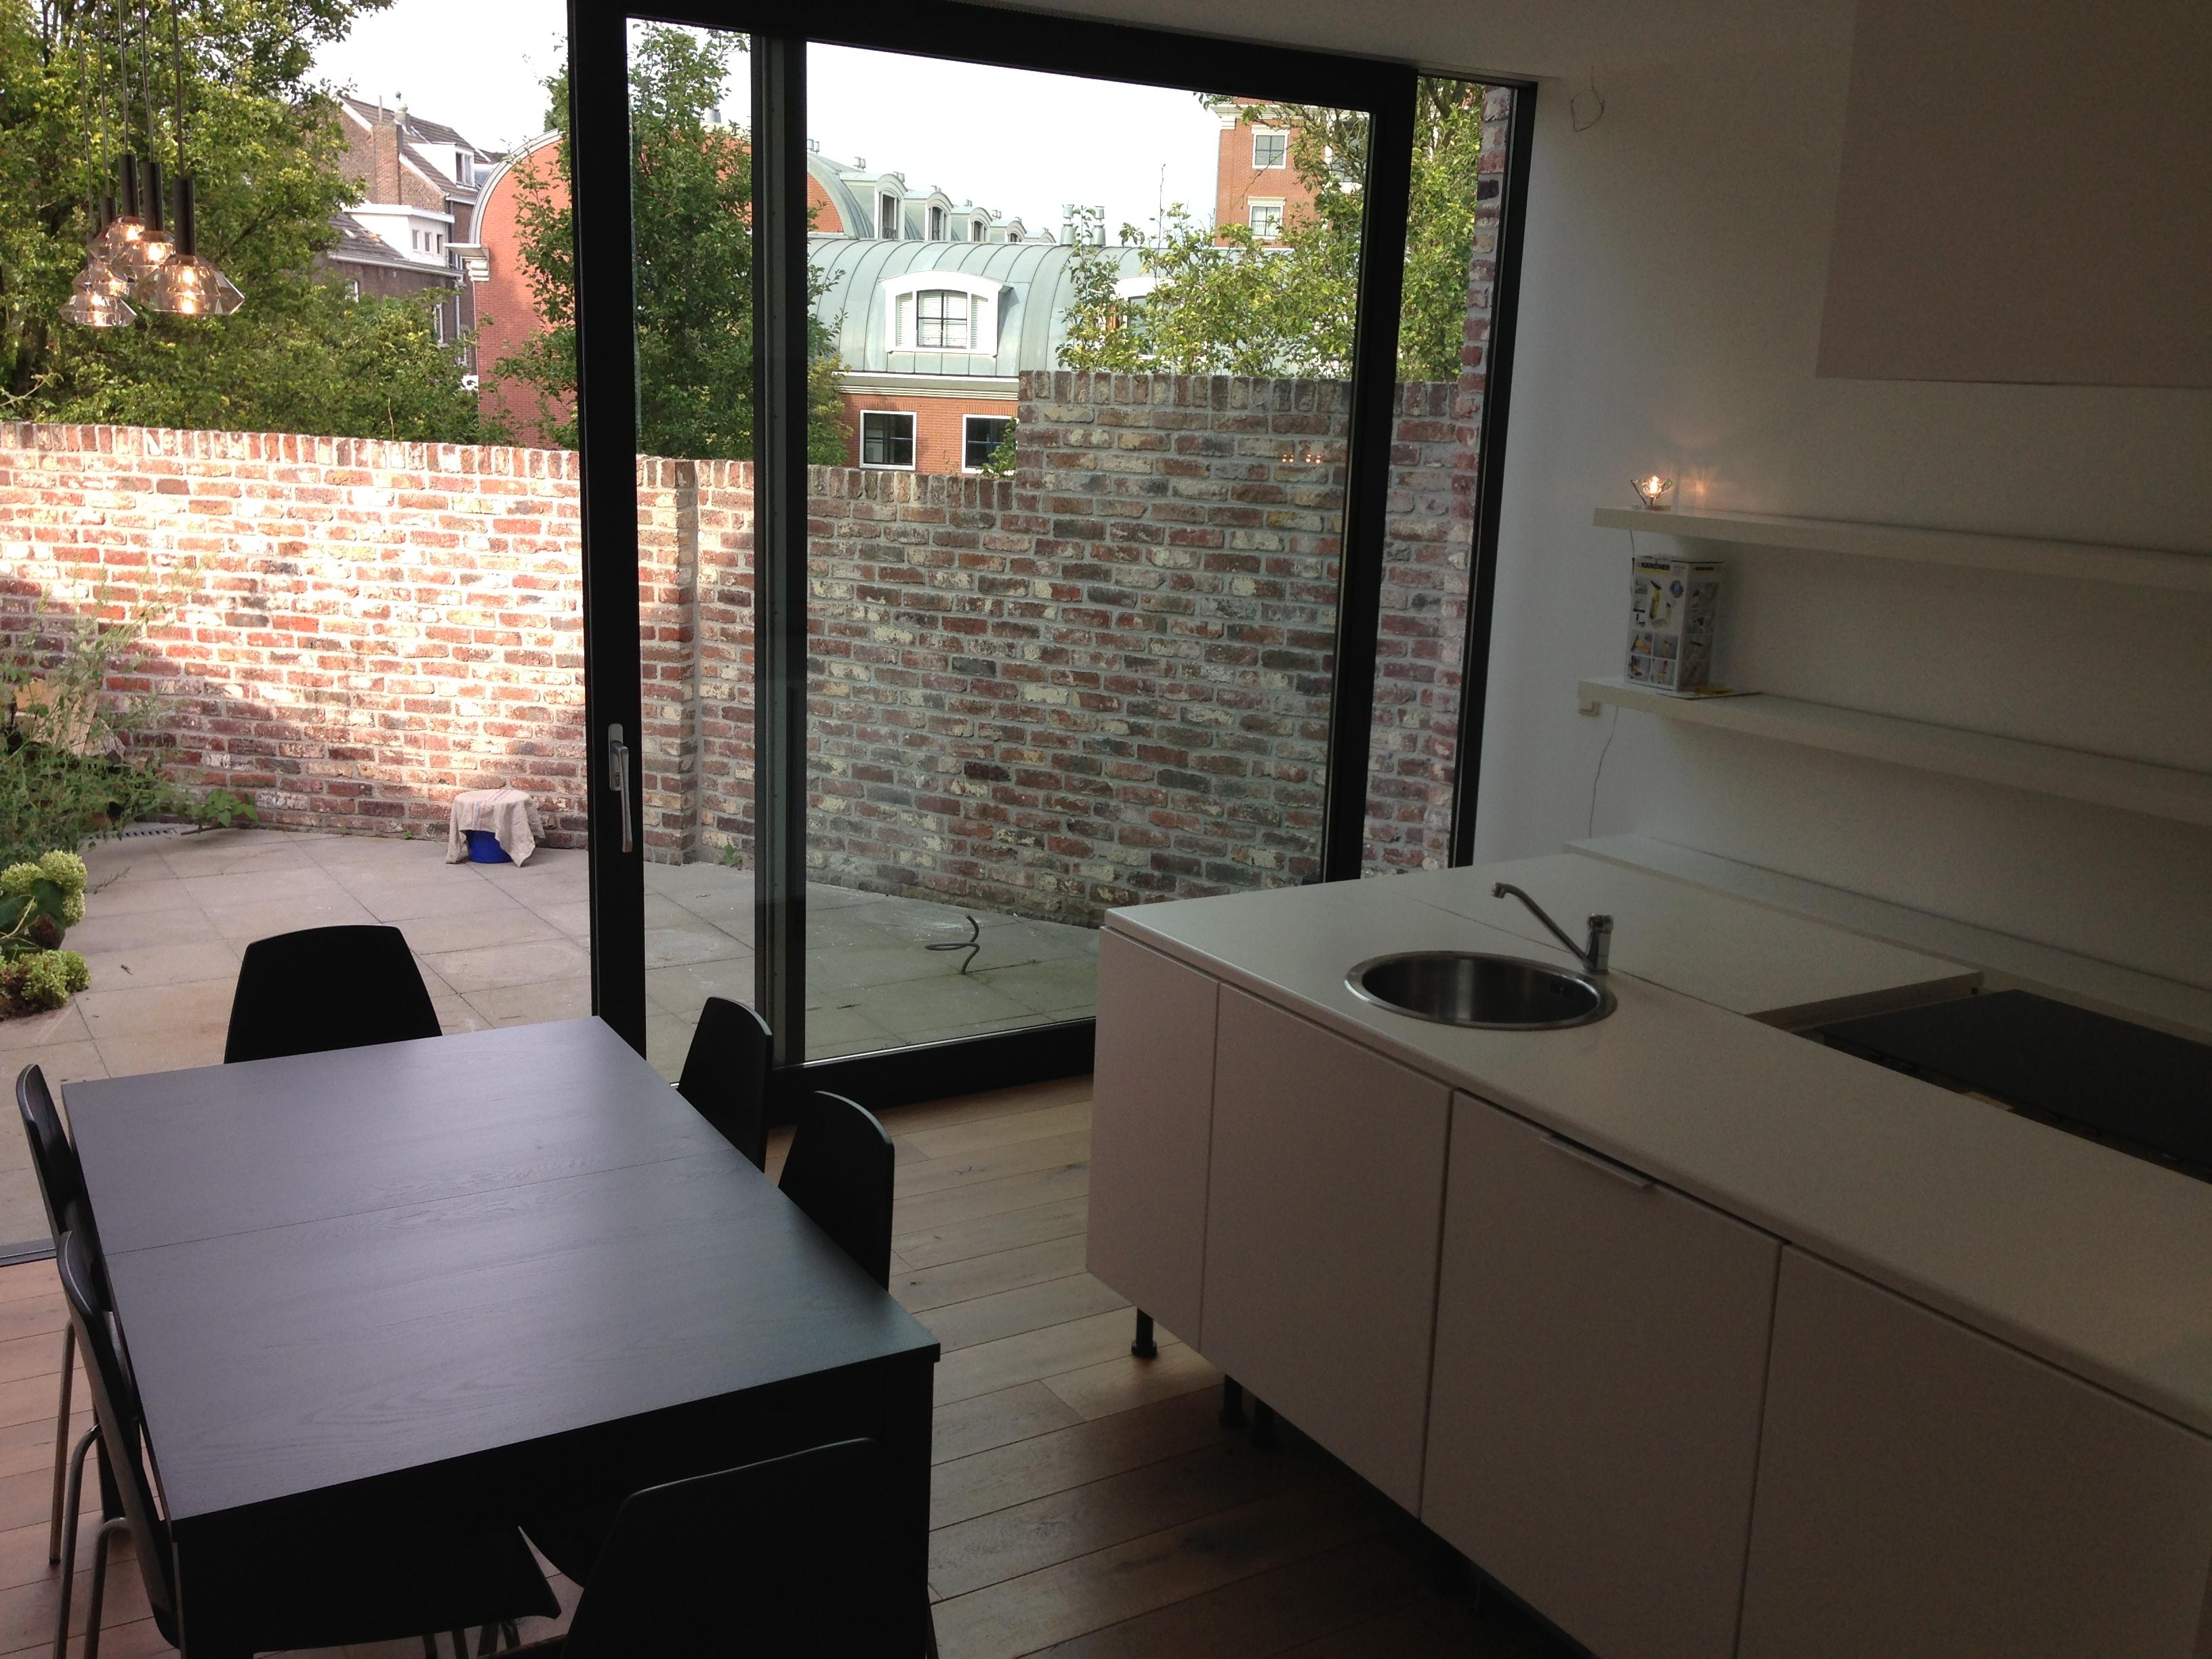 Badkamer en Keuken renovatie met een stalen balkenconstructie - Home ...